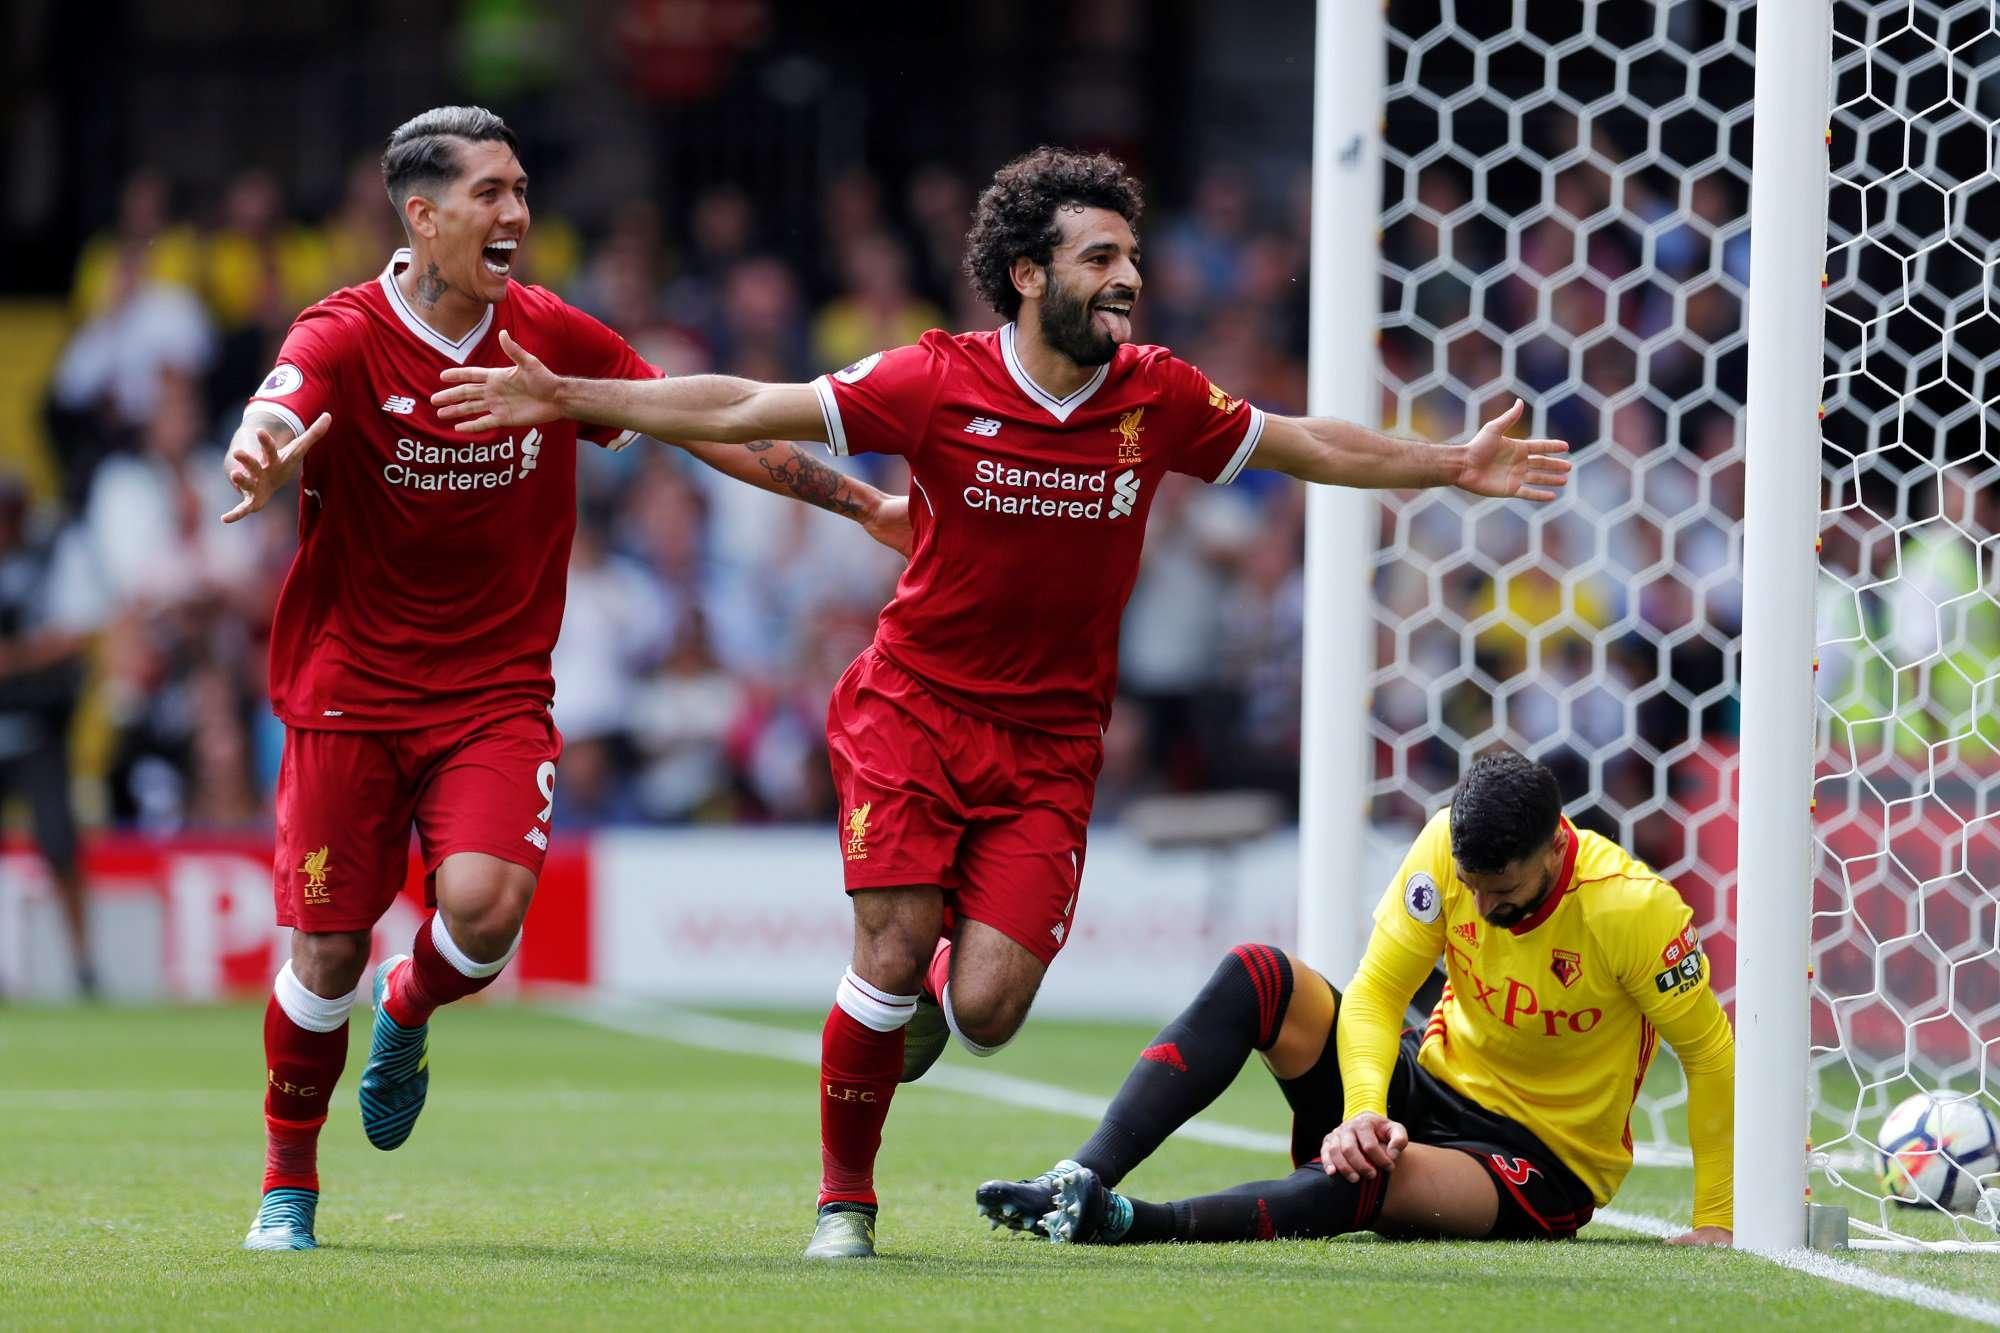 Liverpool vs Crystal Palace ngày 19/8/2017 vòng 2 giải Ngoại Hạng Anh